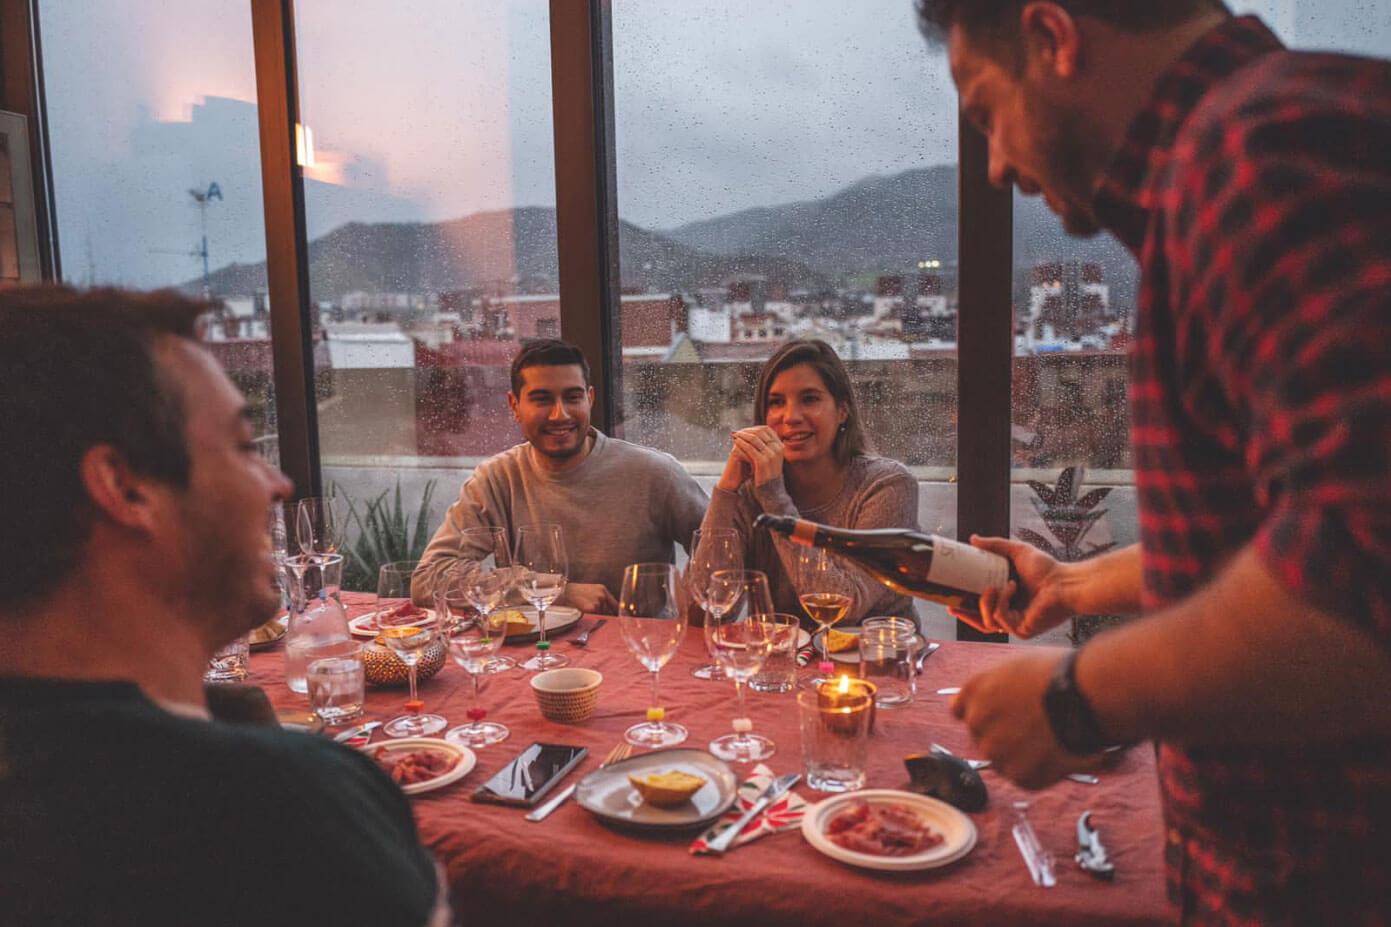 Cata de vinos a domicilio en Bilbao: Ales sirviendo vino en la mesa con los comensales.